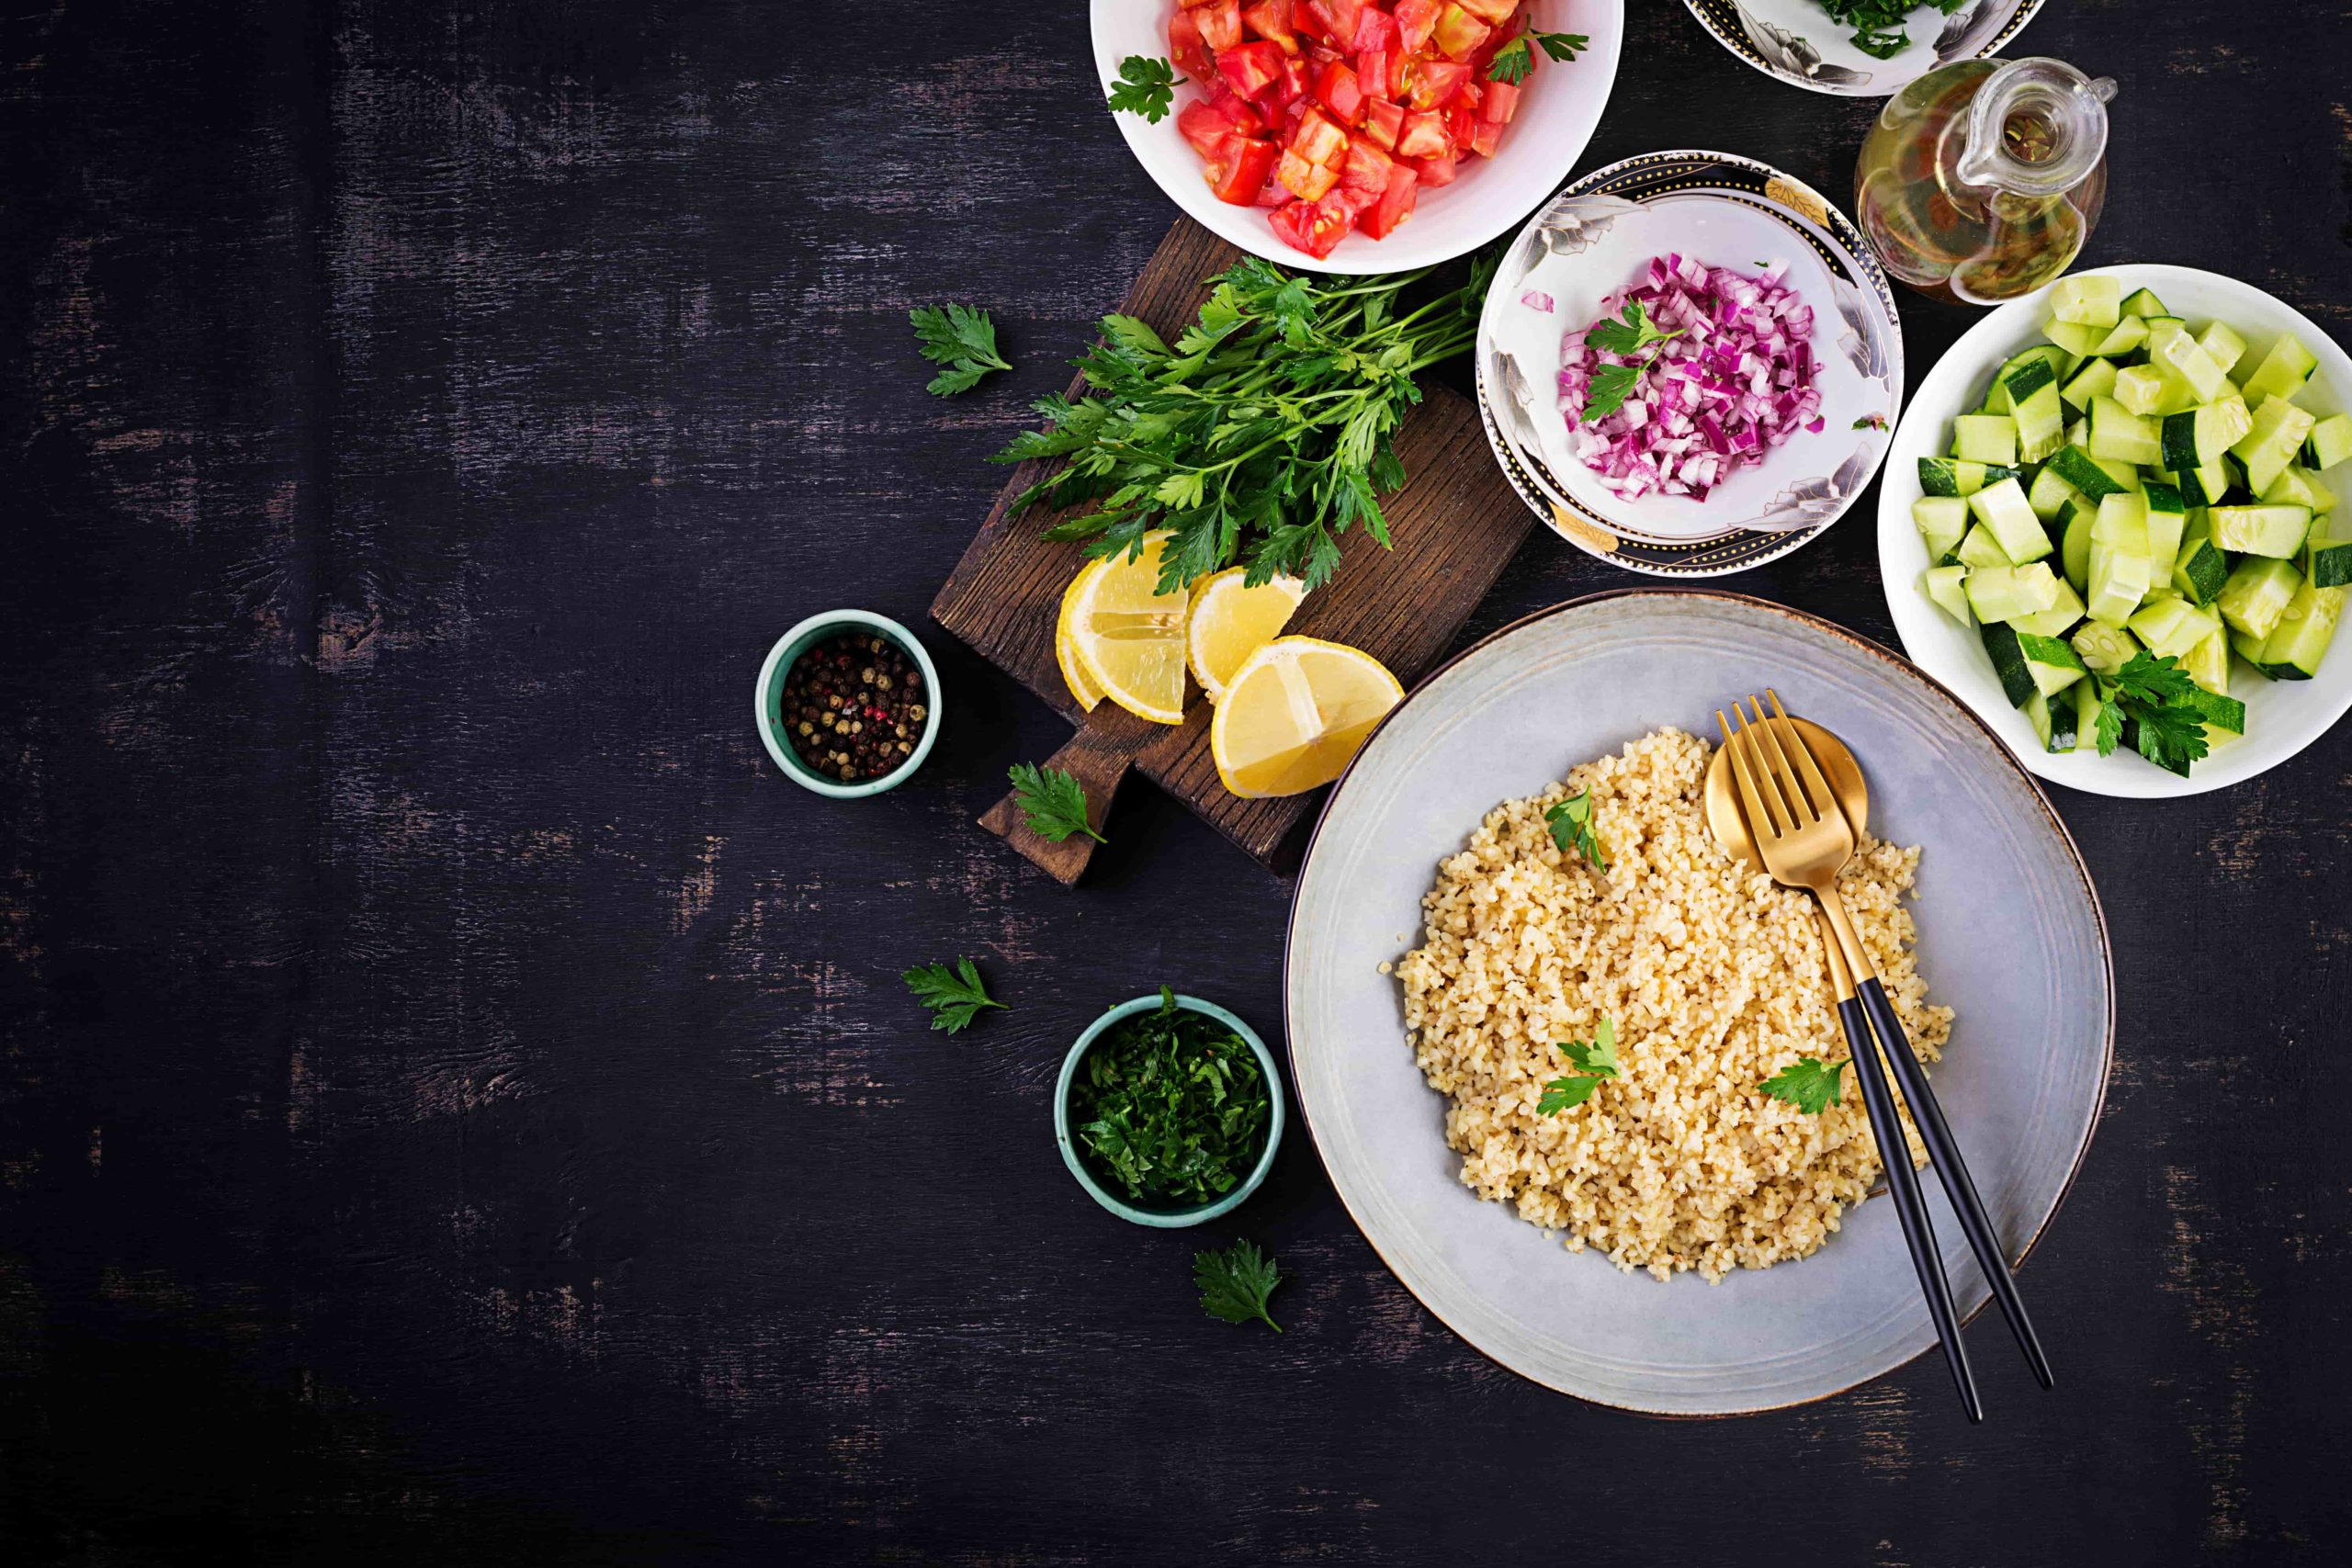 Салат Табуле - рецепт с пошаговым приготовлением и фото